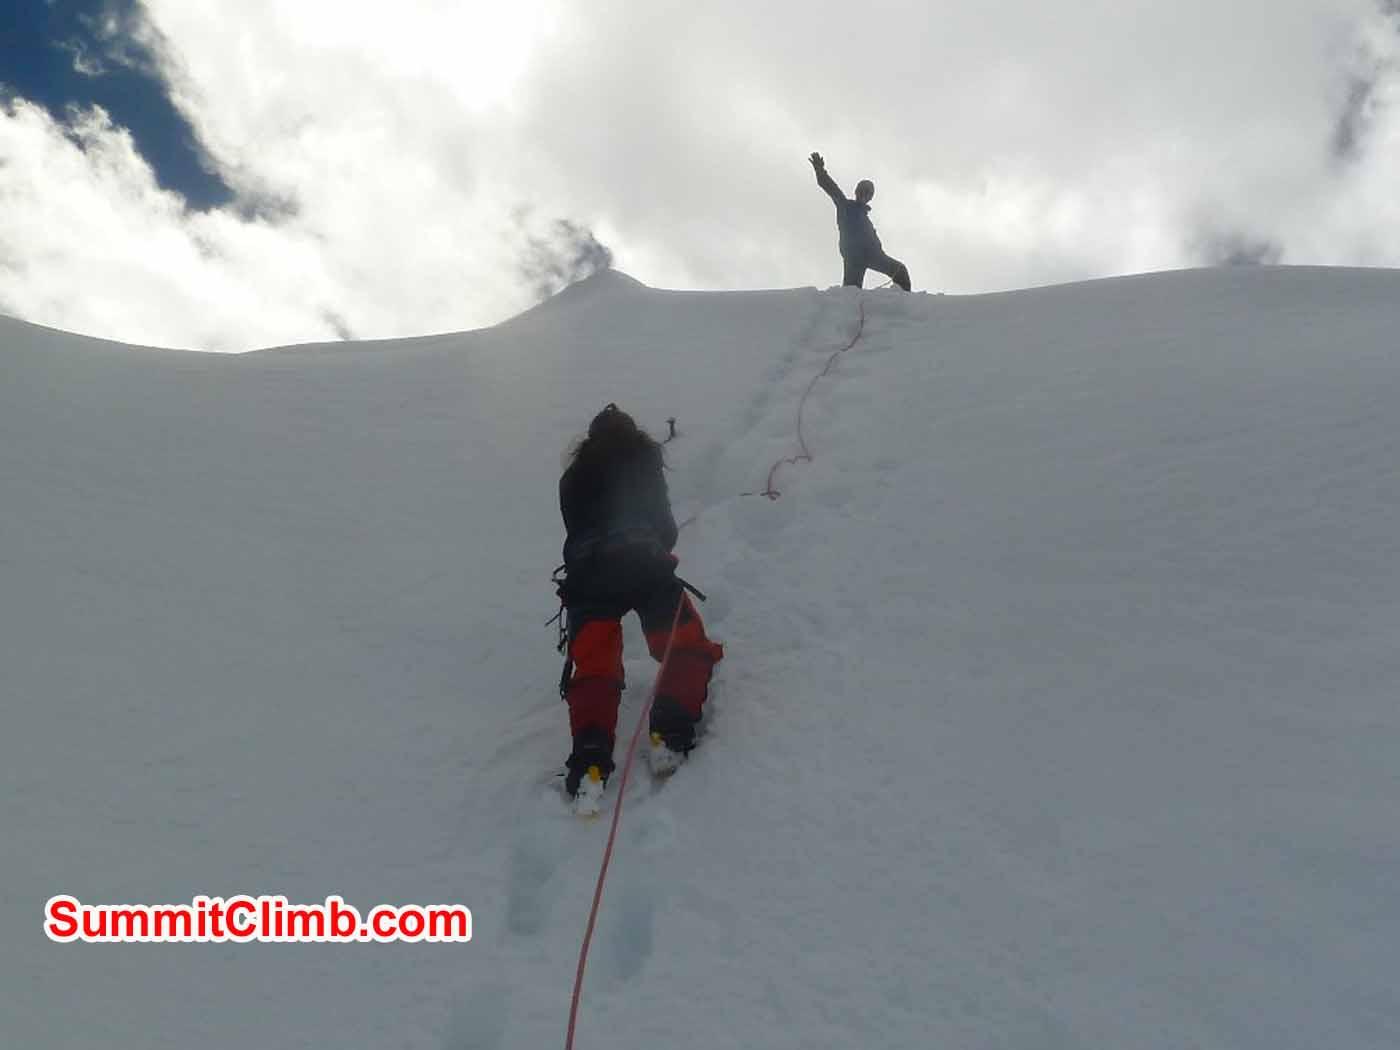 Tensing and Marina and Ice training wall at ABC - photo by Tsewang Sherpa